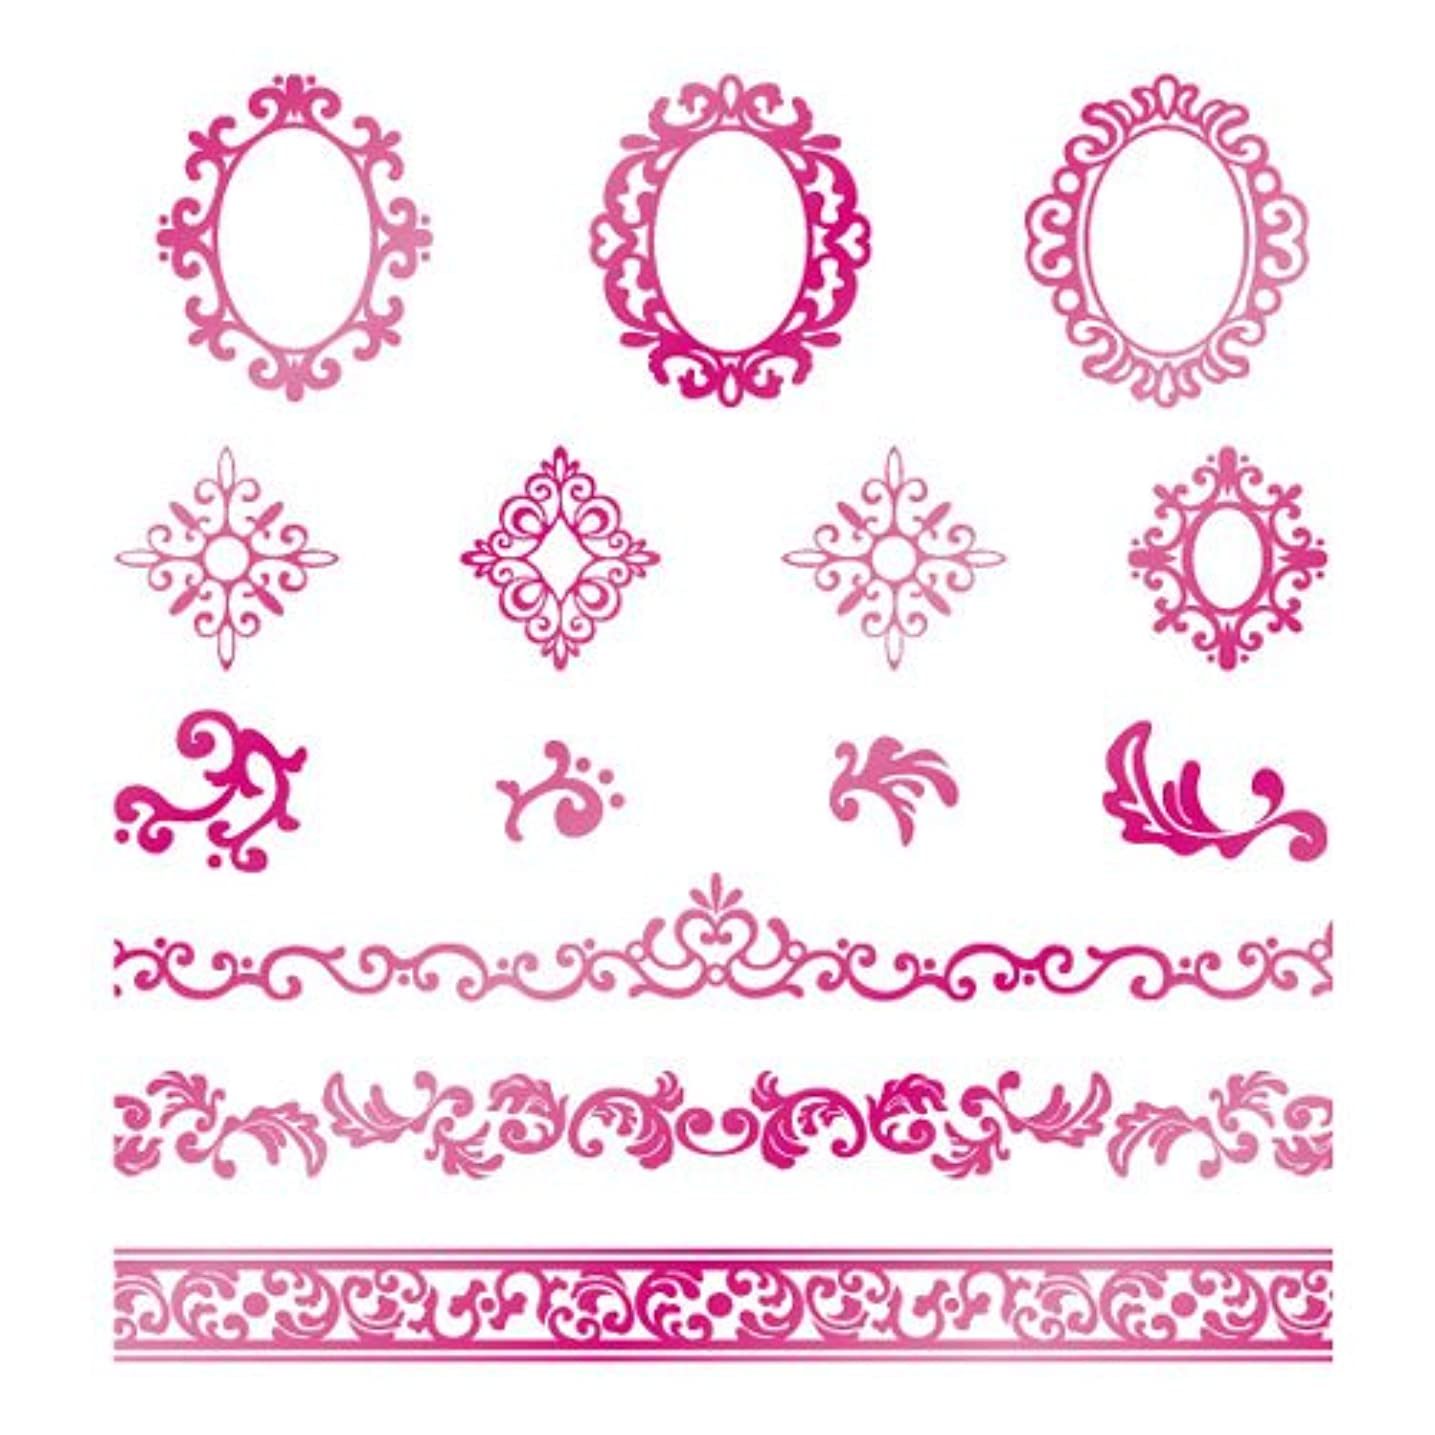 置くためにパック厳しいウェーハツメキラ ネイル用シール  プレミアム ロココ メタリックピンク